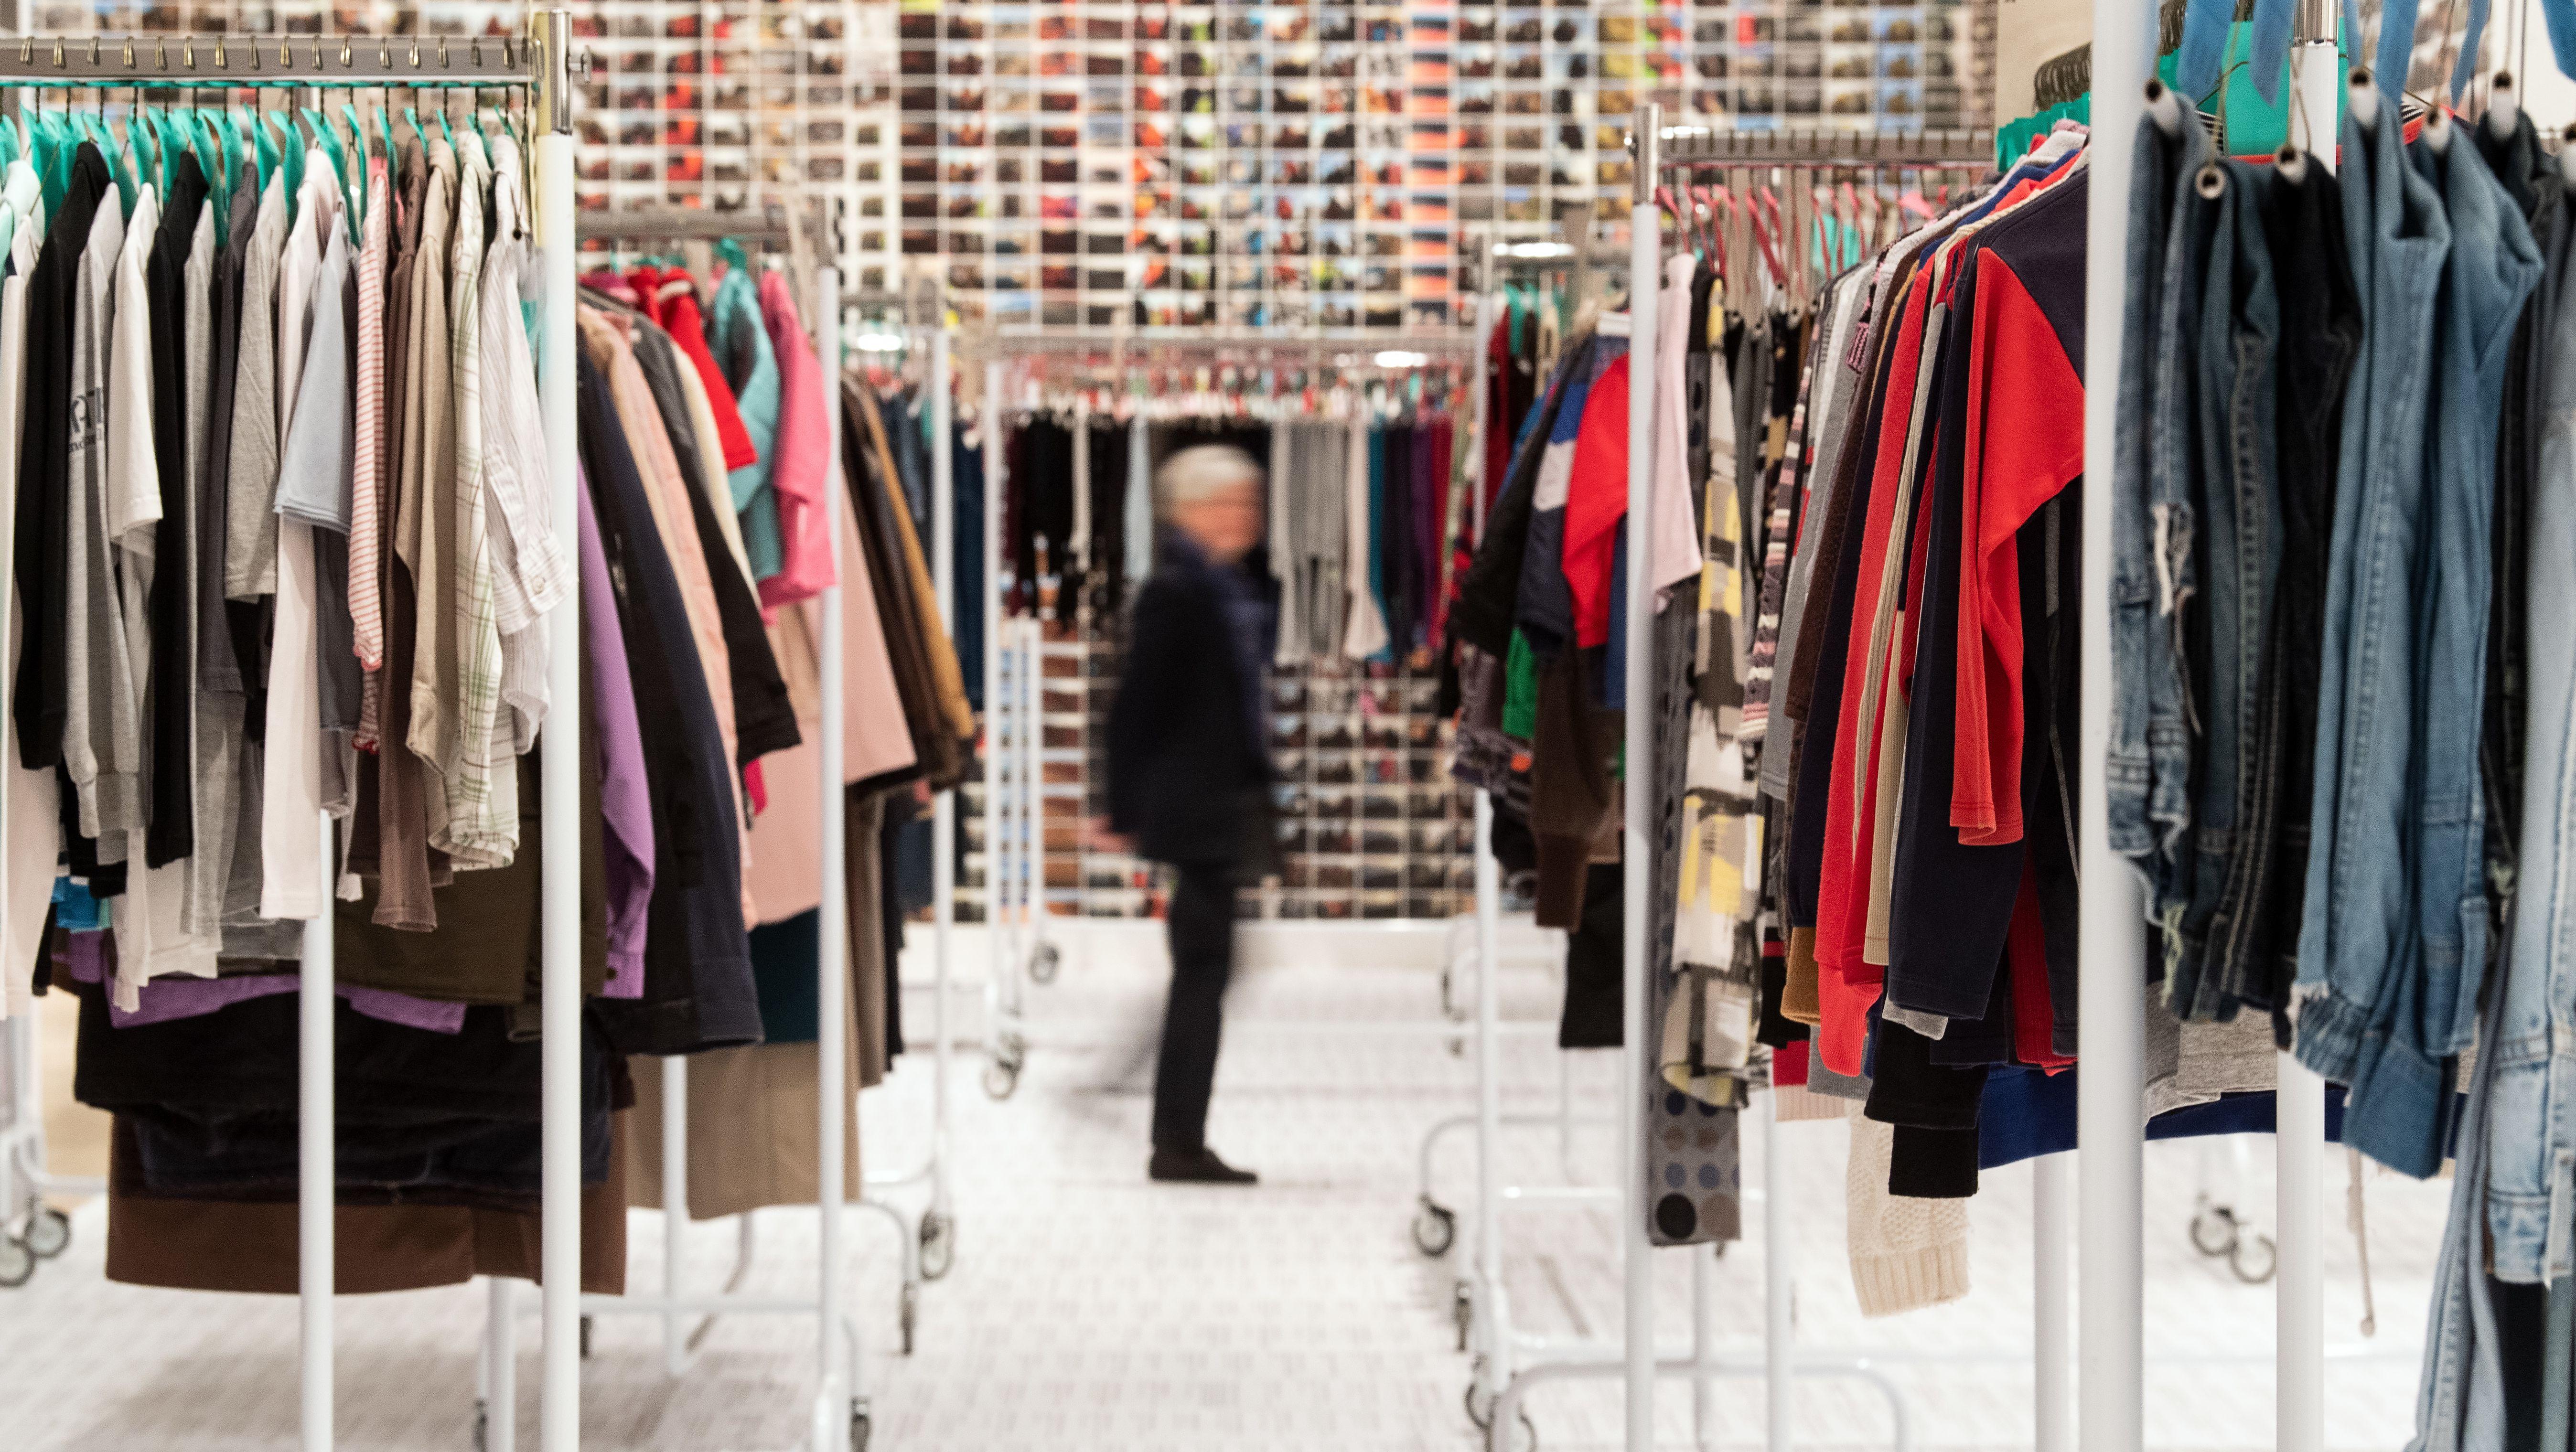 """Ein Besucher geht durch die Installation """"Laundromat"""" des chinesischen Künstler Ai Weiwei aus dem Jahr 2012  - zu sehen ist eine bunte Aneinanderreihung von Hemden, Jacken und Hosen, die an Kleiderständern hängt"""